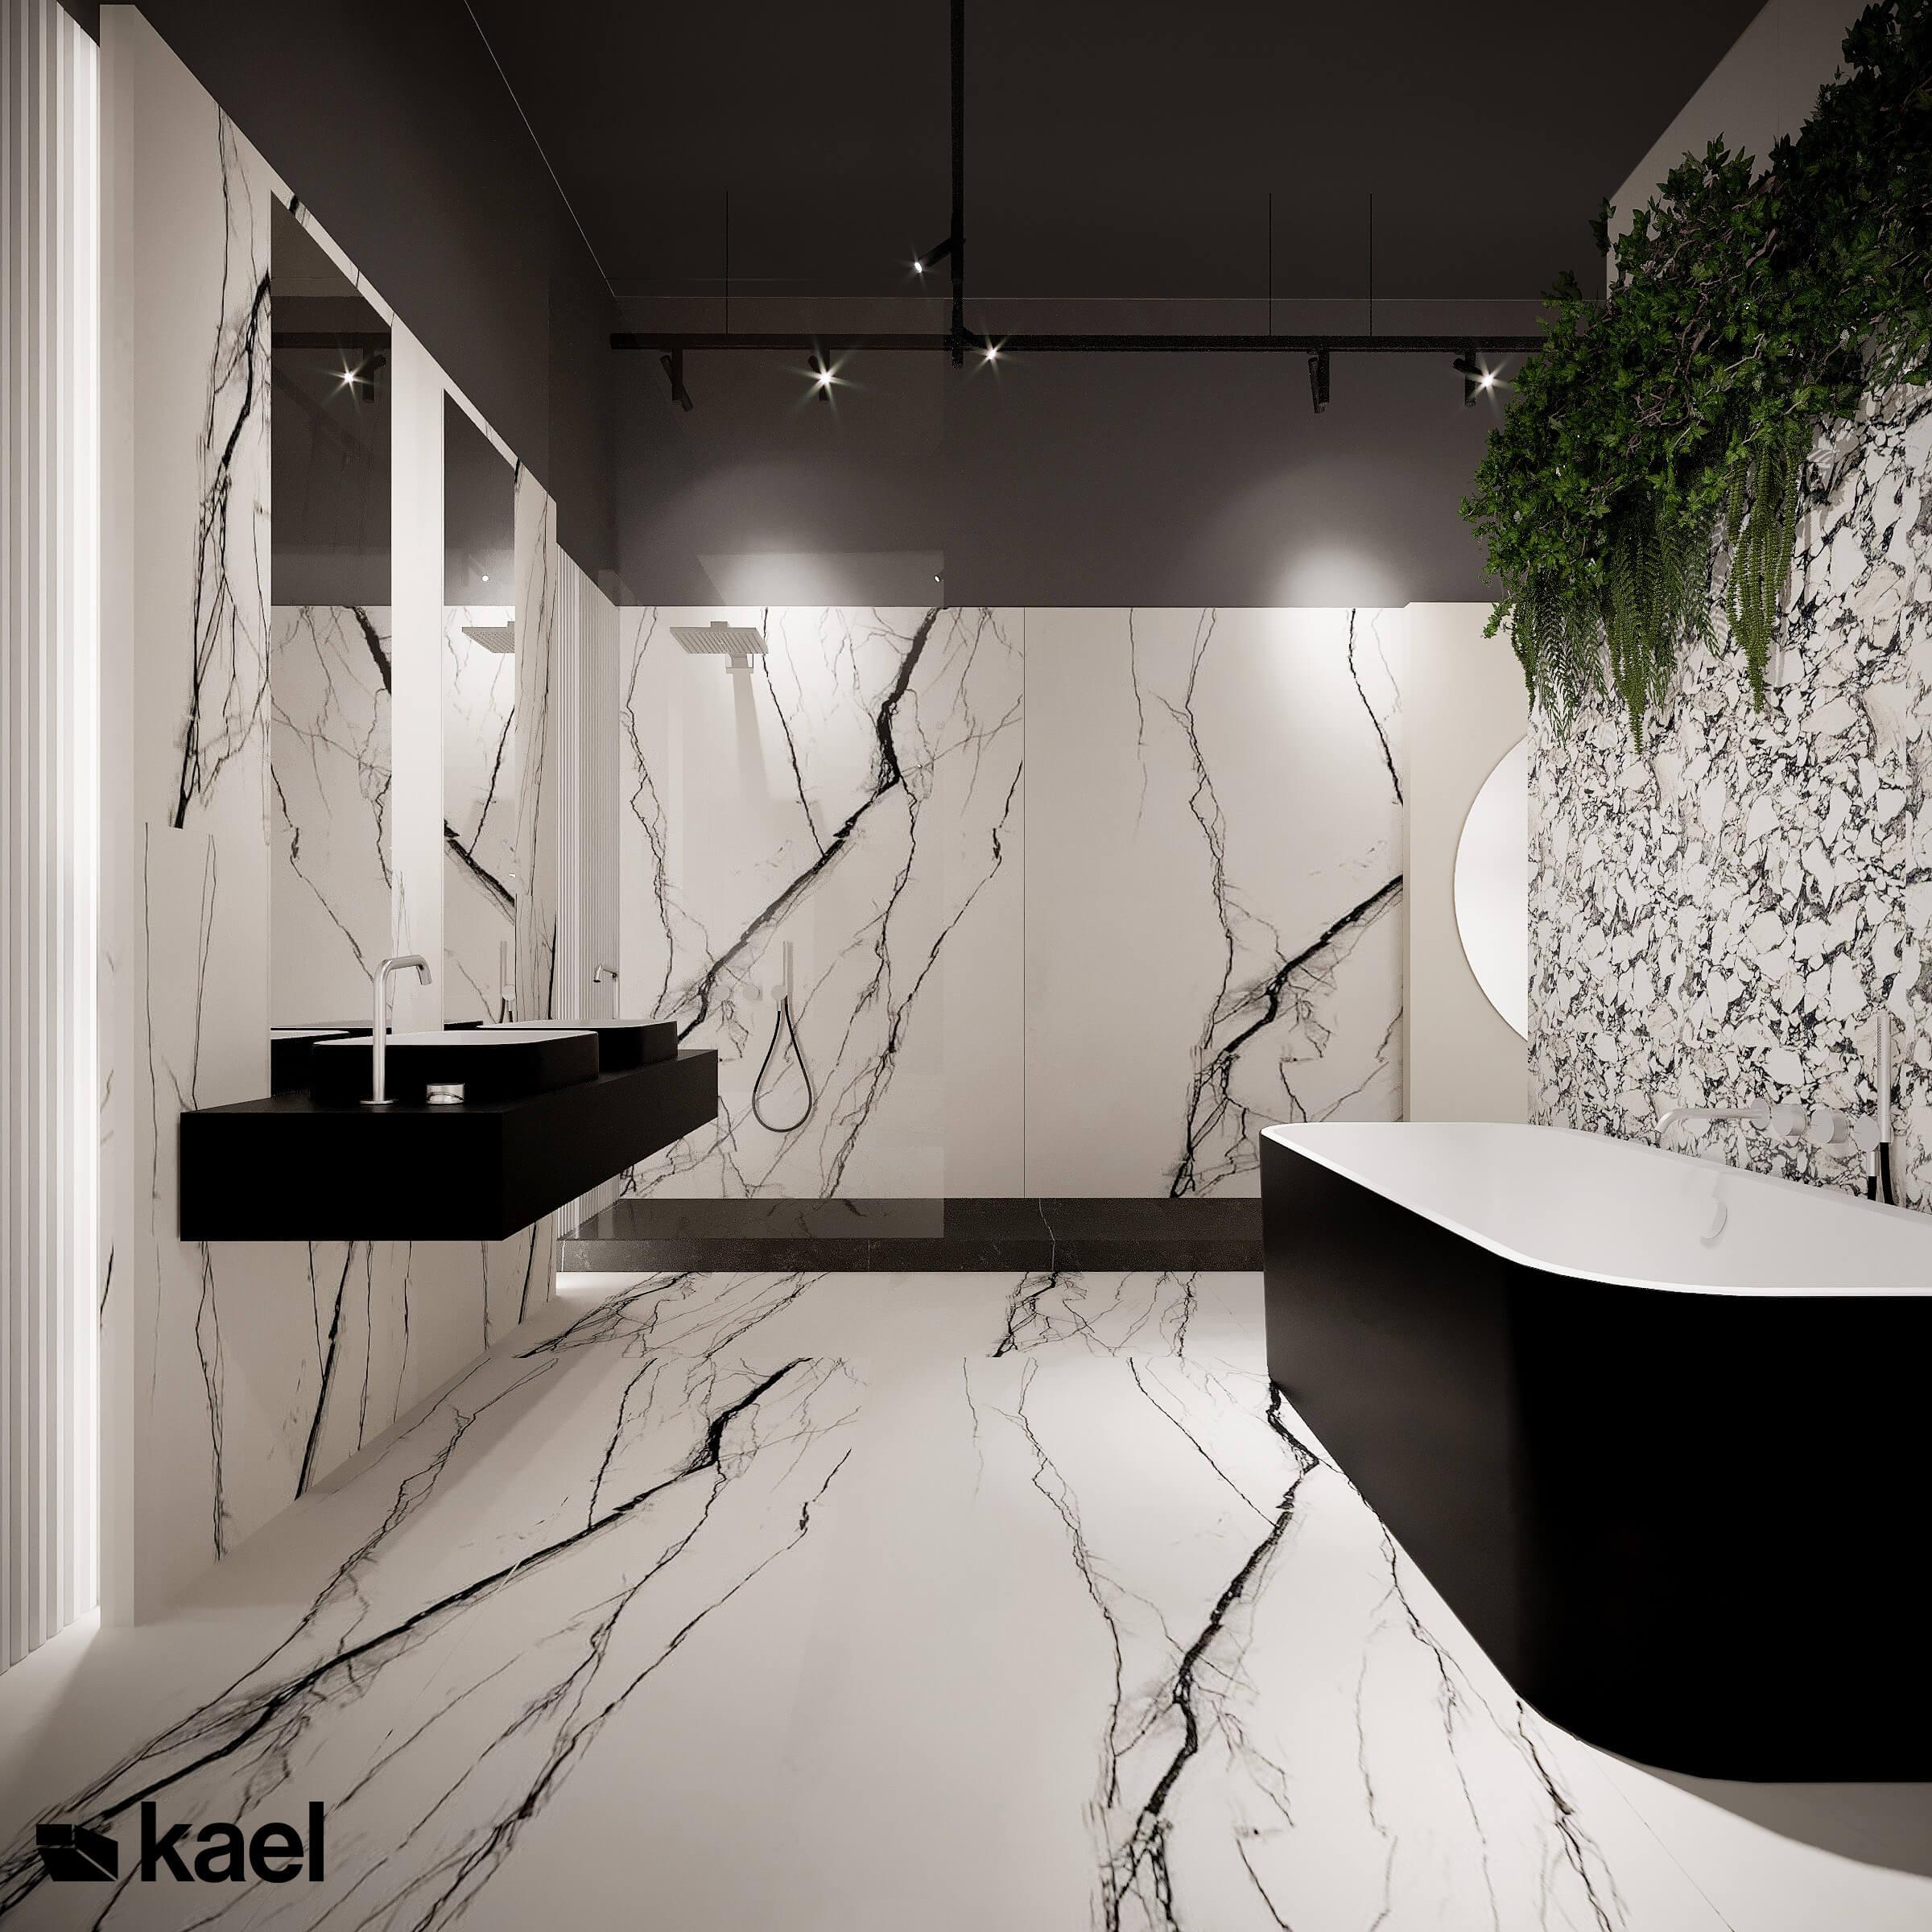 Łazienka zachowana w odcieniach czerni i bieli.